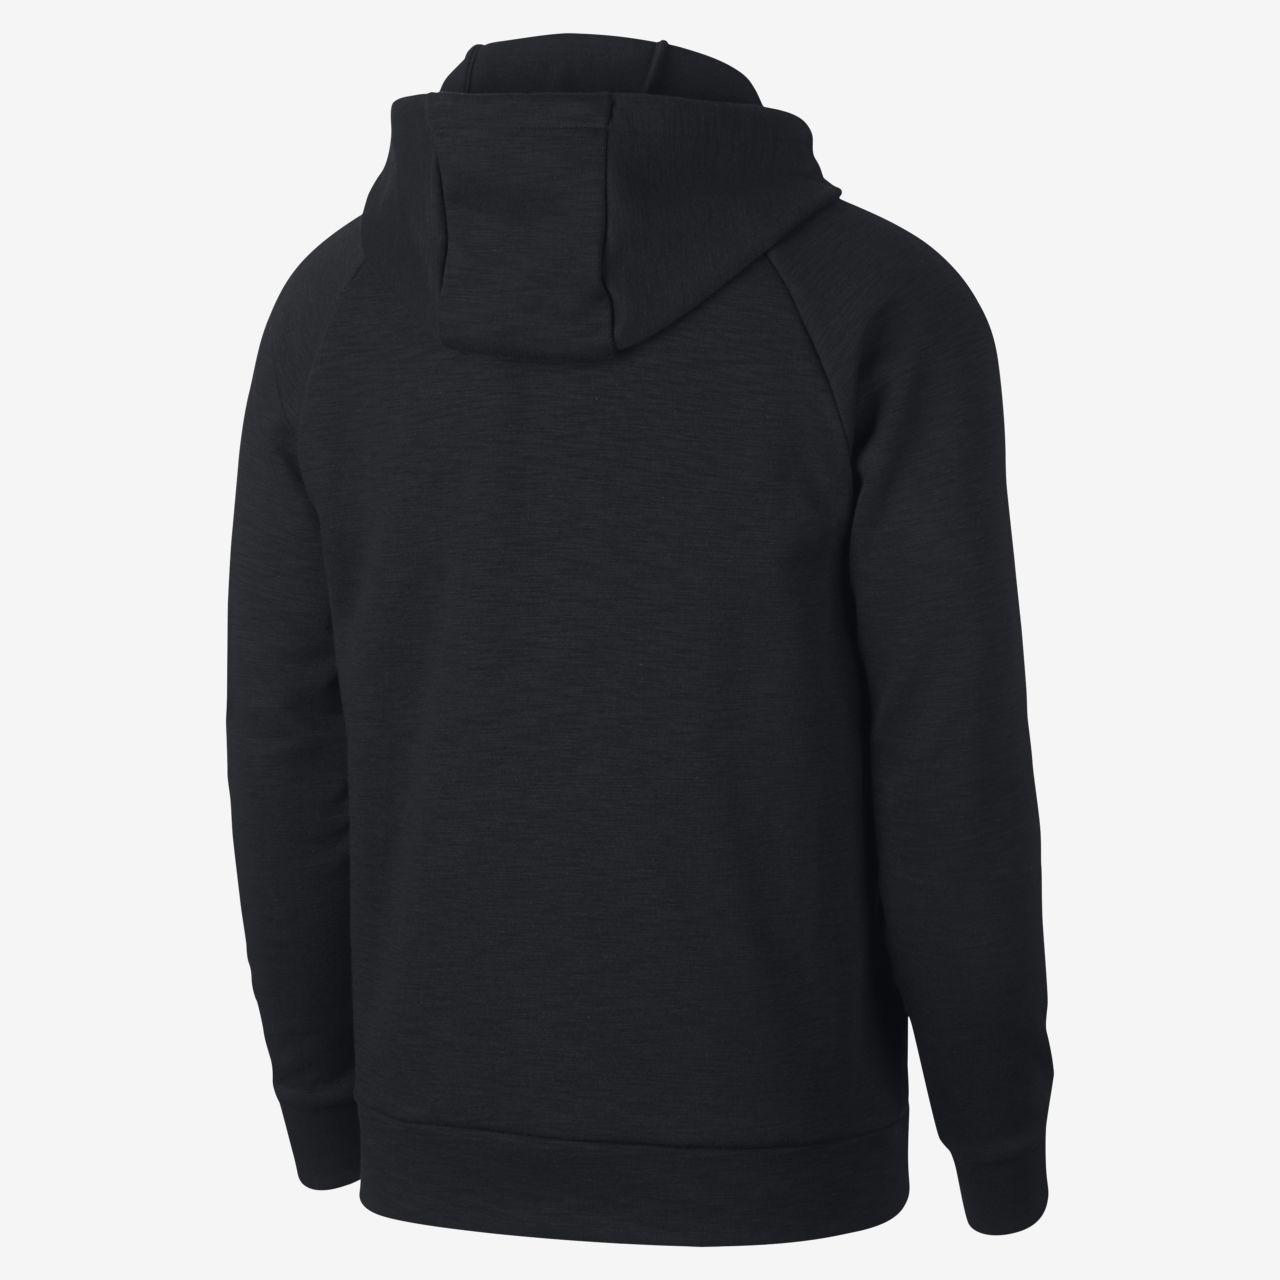 Nike Sportswear Optic Felpa con Cappuccio e Zip a Tutta Lunghezza Uomo